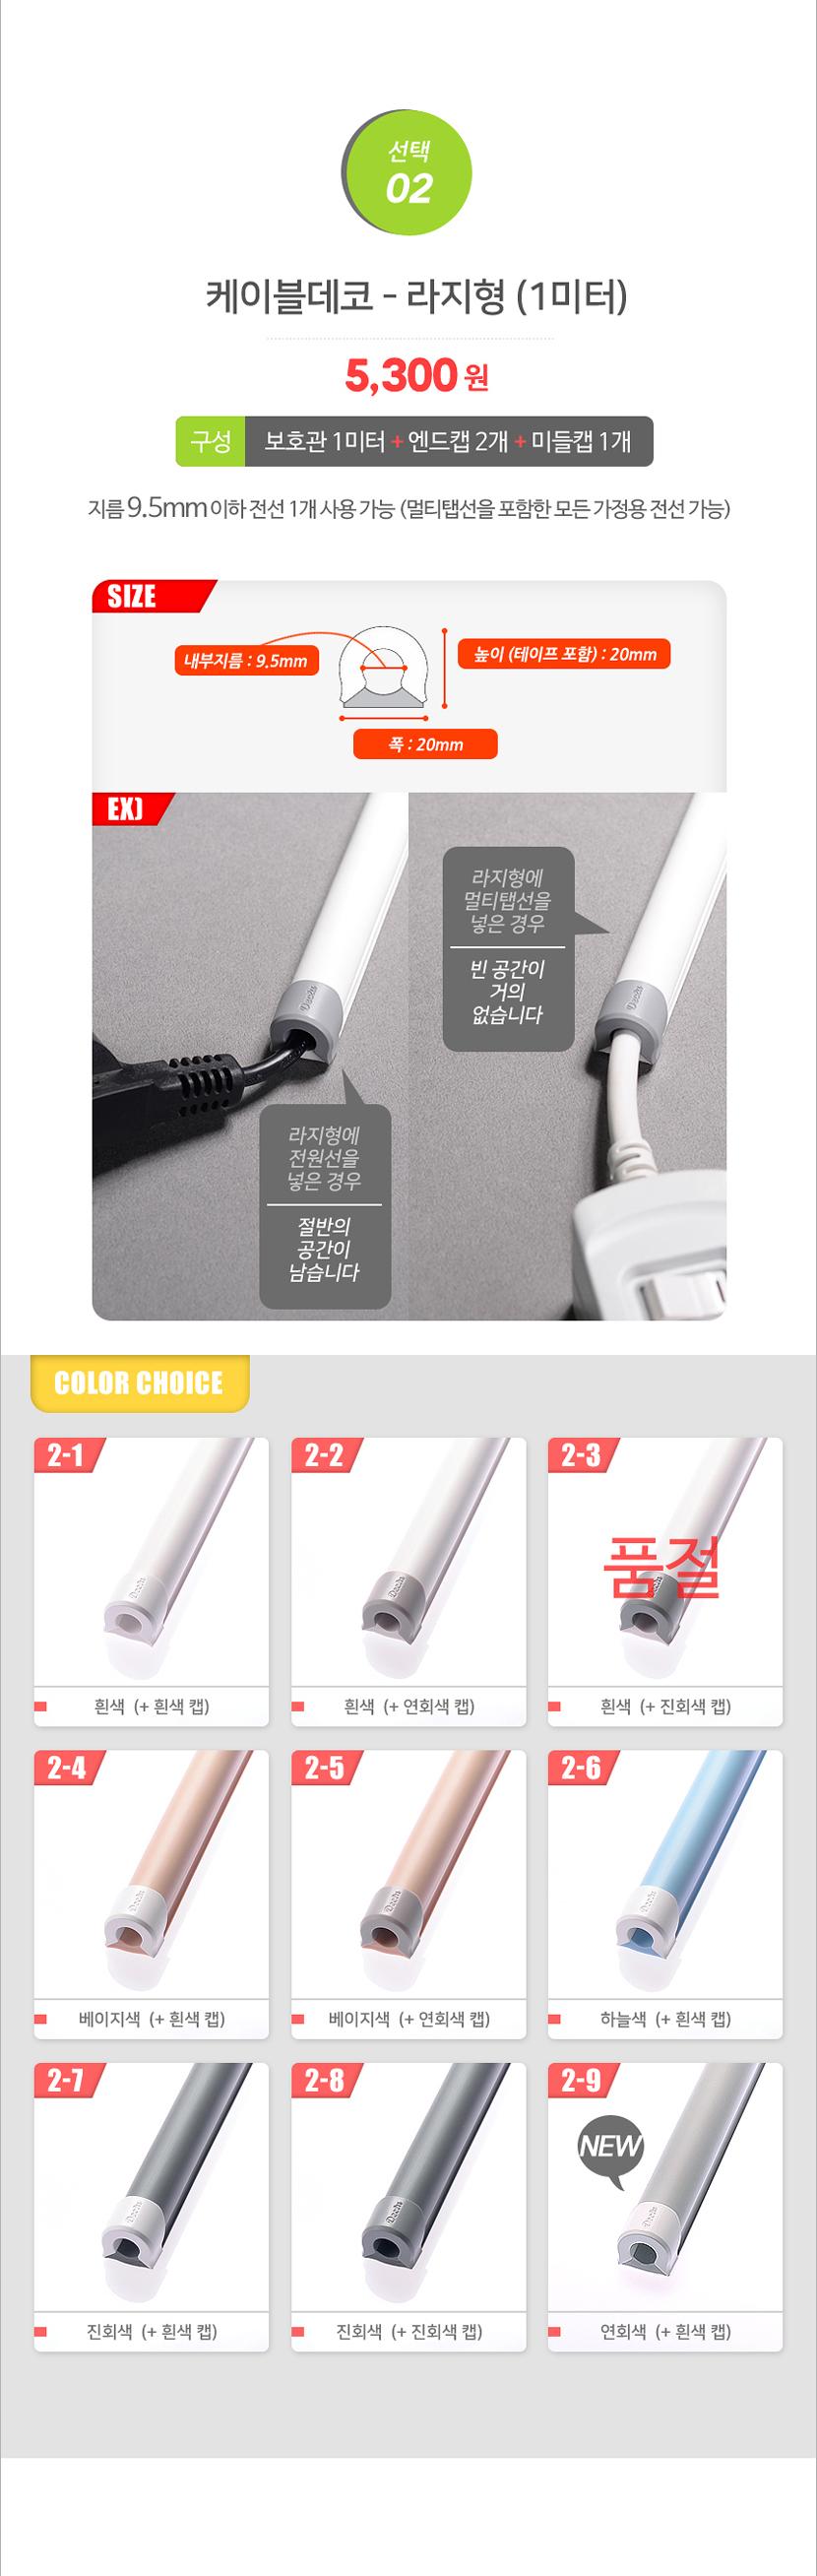 라지형 케이블데코 전선몰딩 - 지름 9.5mm 이하 전선 1개 정리 (멀티탭선을 포함한 모든 가정용 전선)